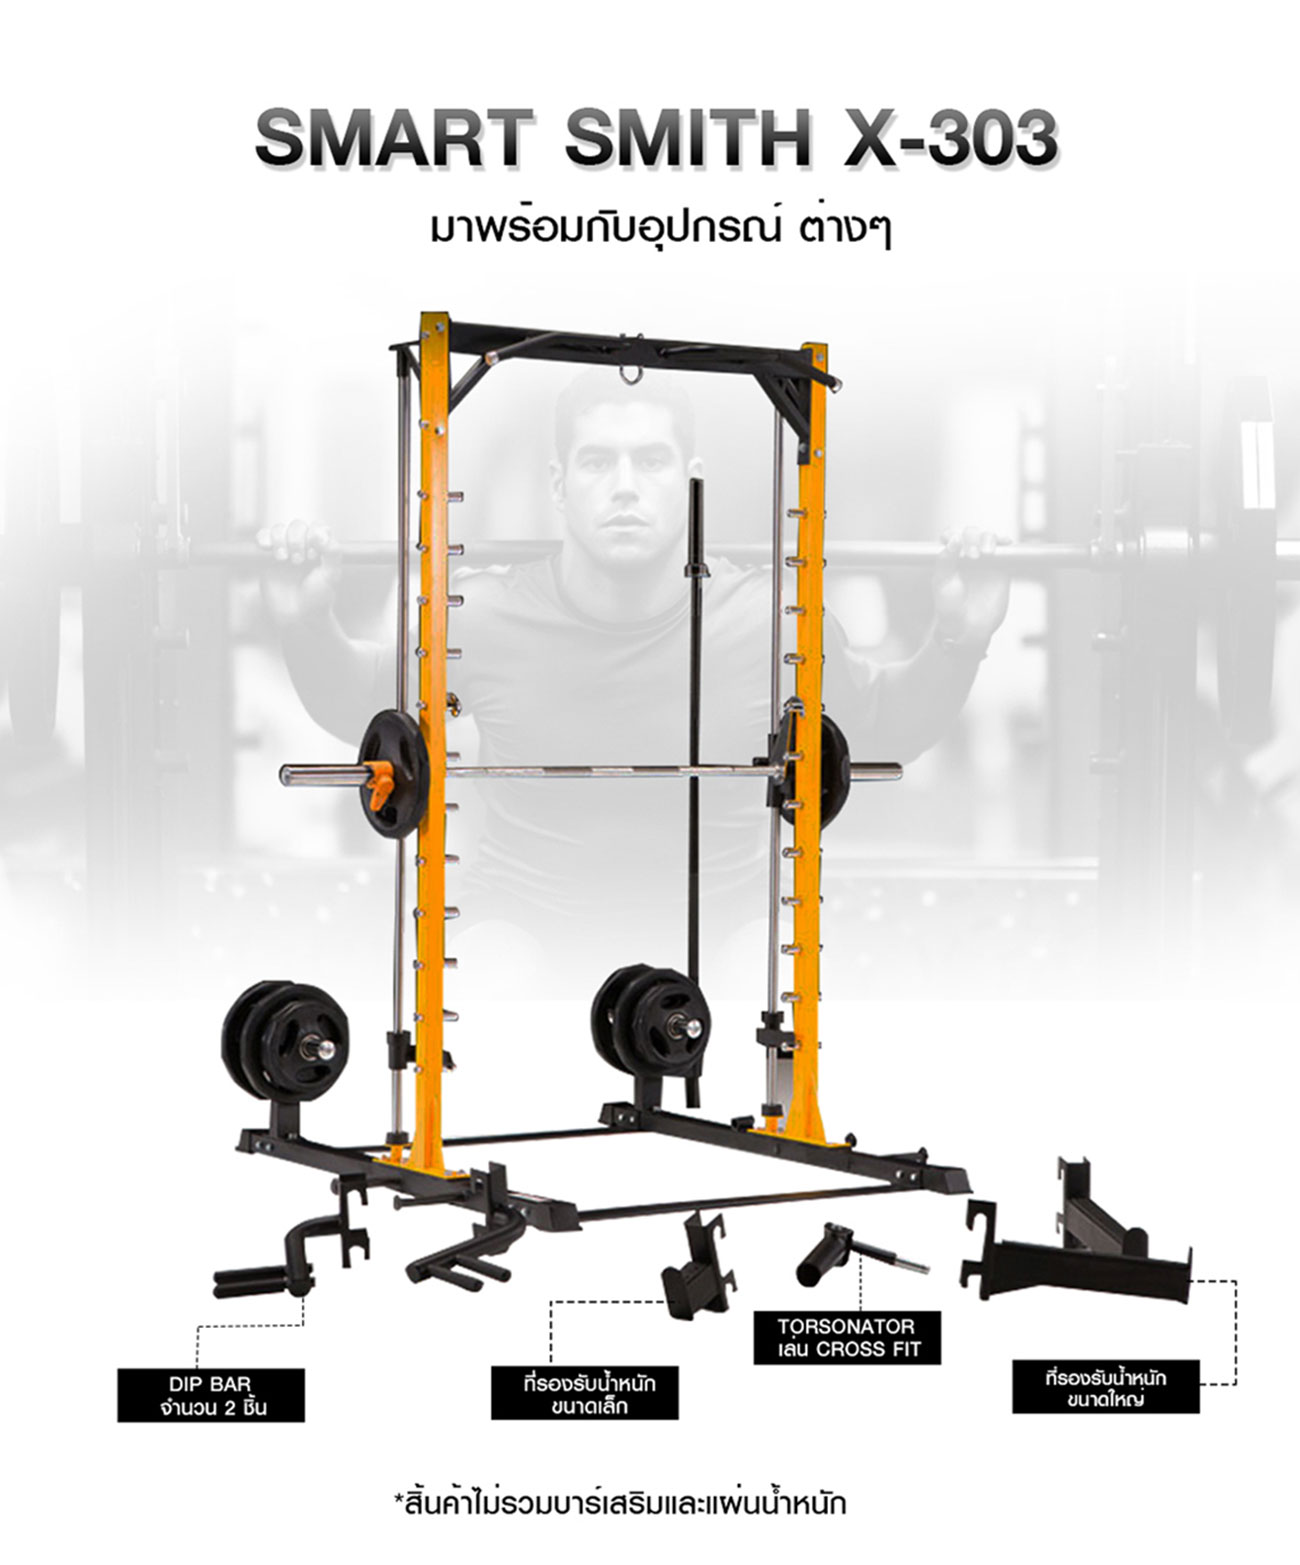 Smart Smith สมิท แมชชีน รุ่น X-303